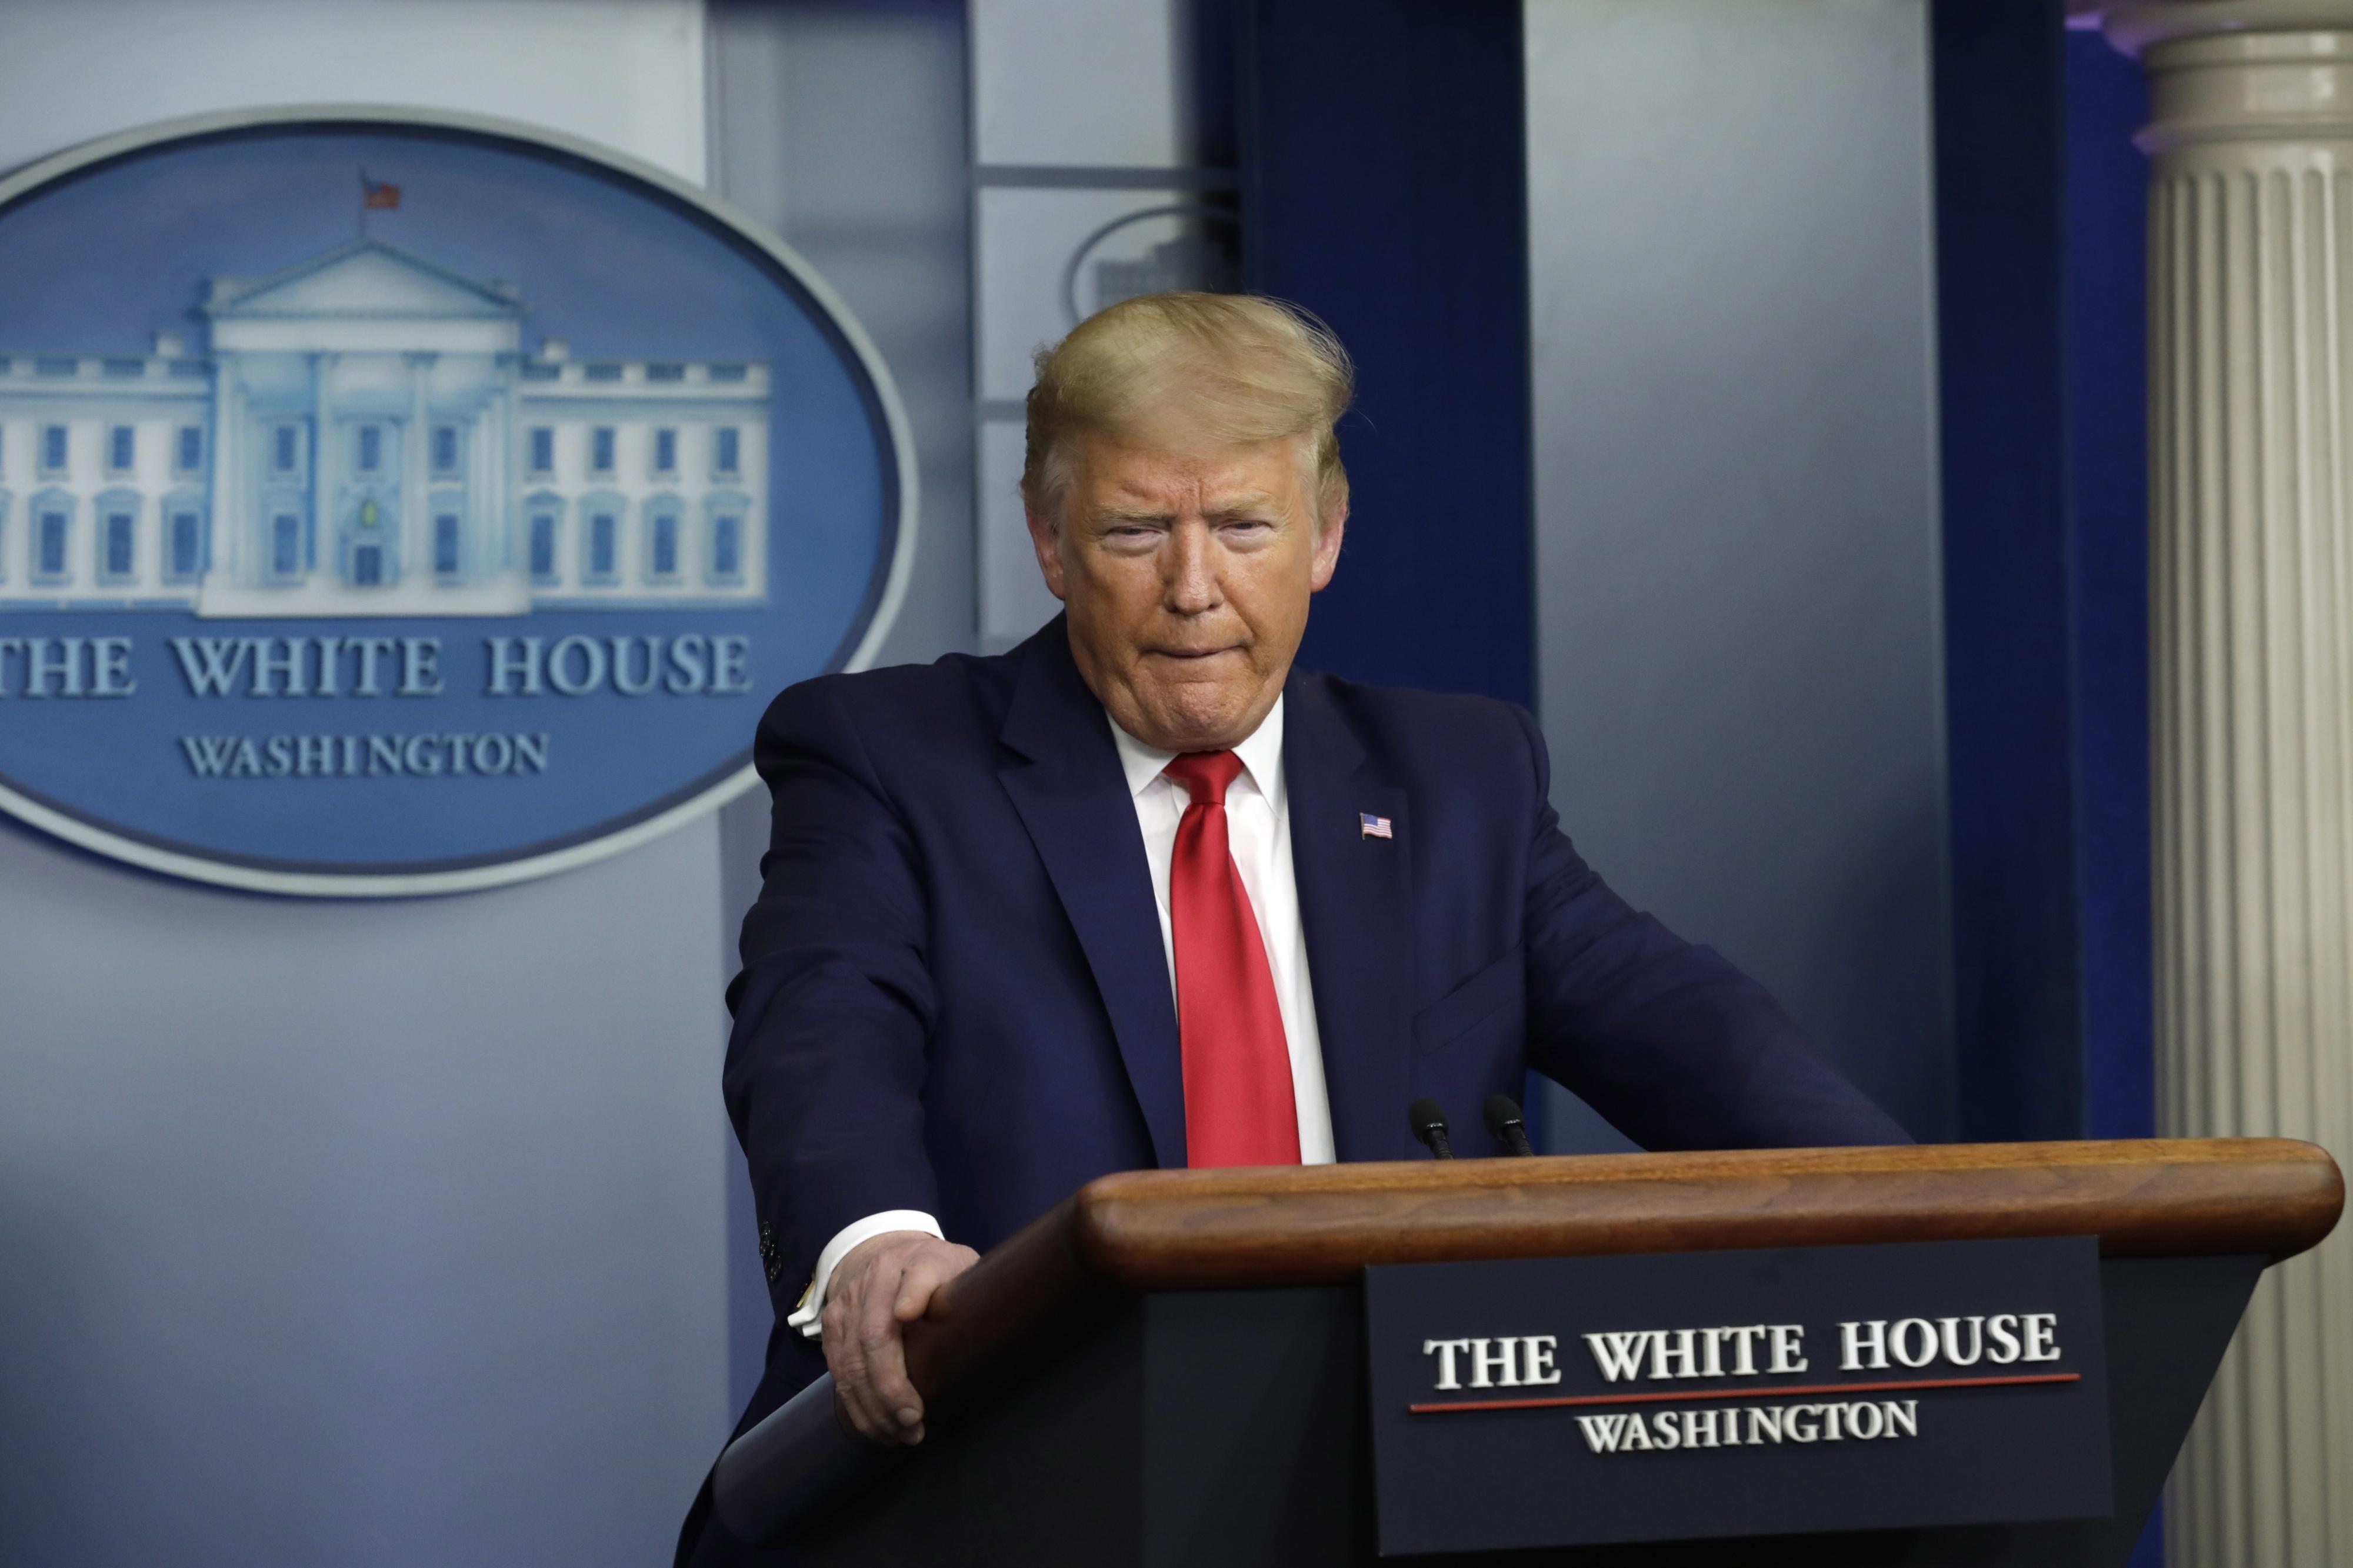 Trump contraria autoridades de saúde e recusa usar máscara